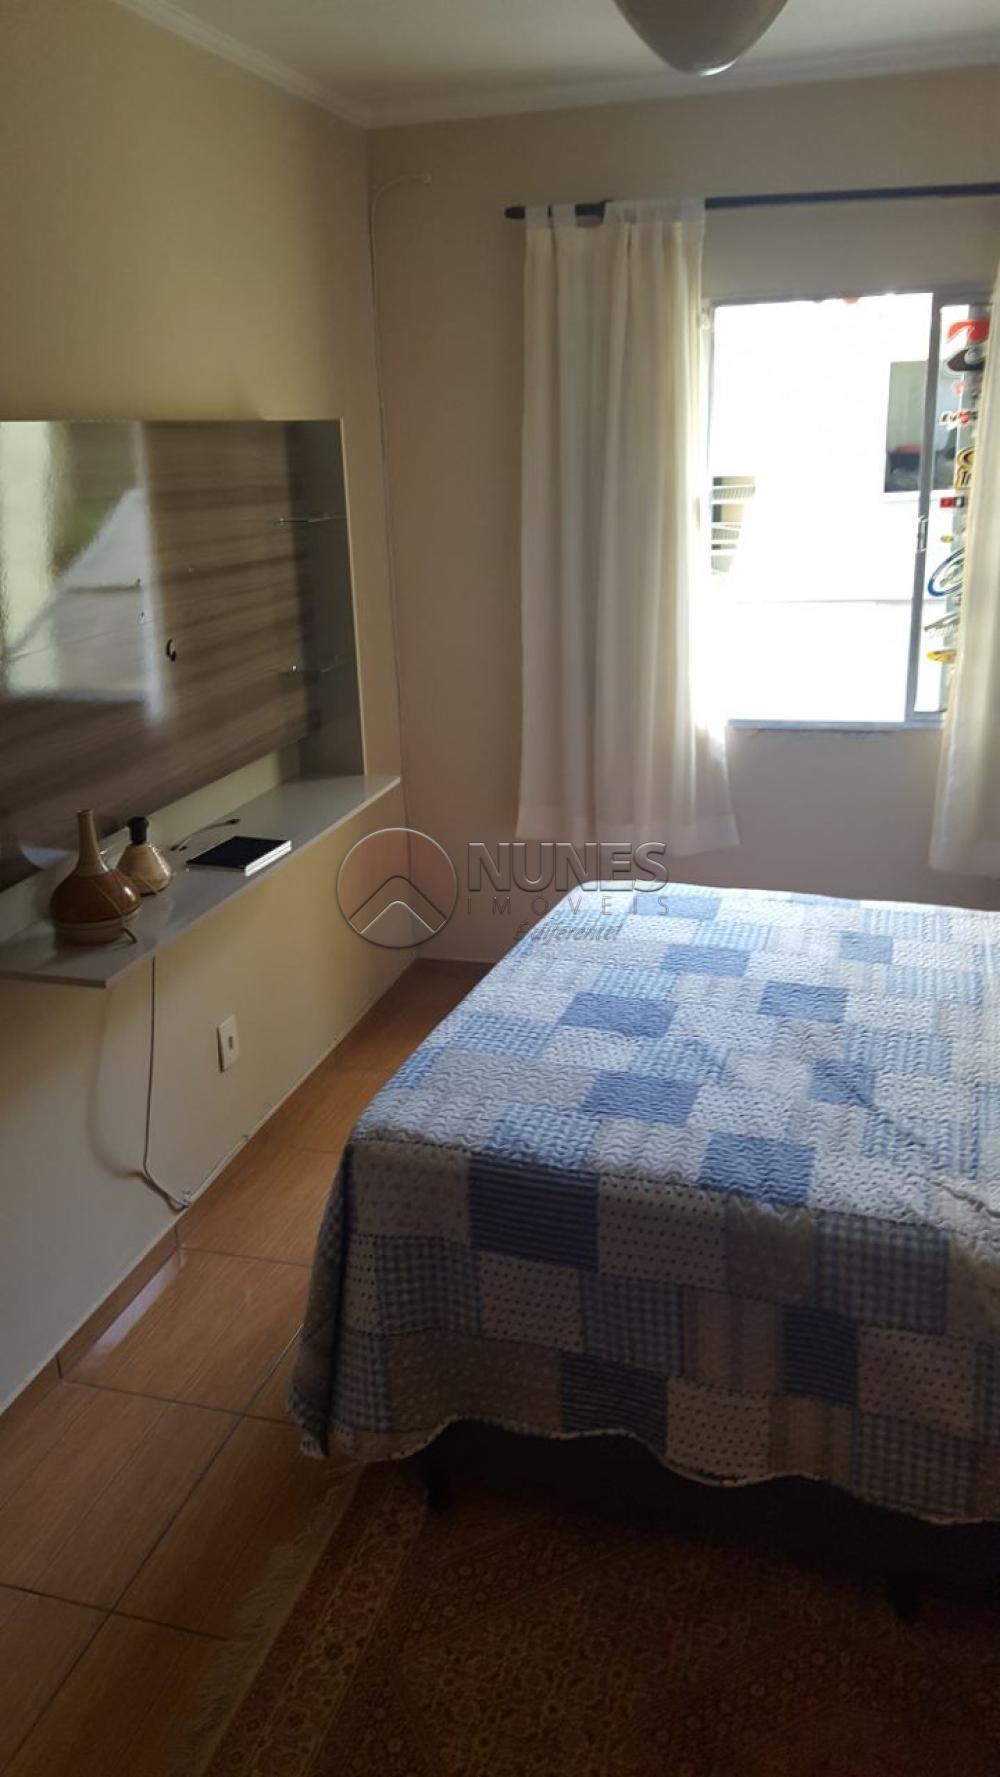 Comprar Casa / Terrea em Osasco apenas R$ 410.000,00 - Foto 5